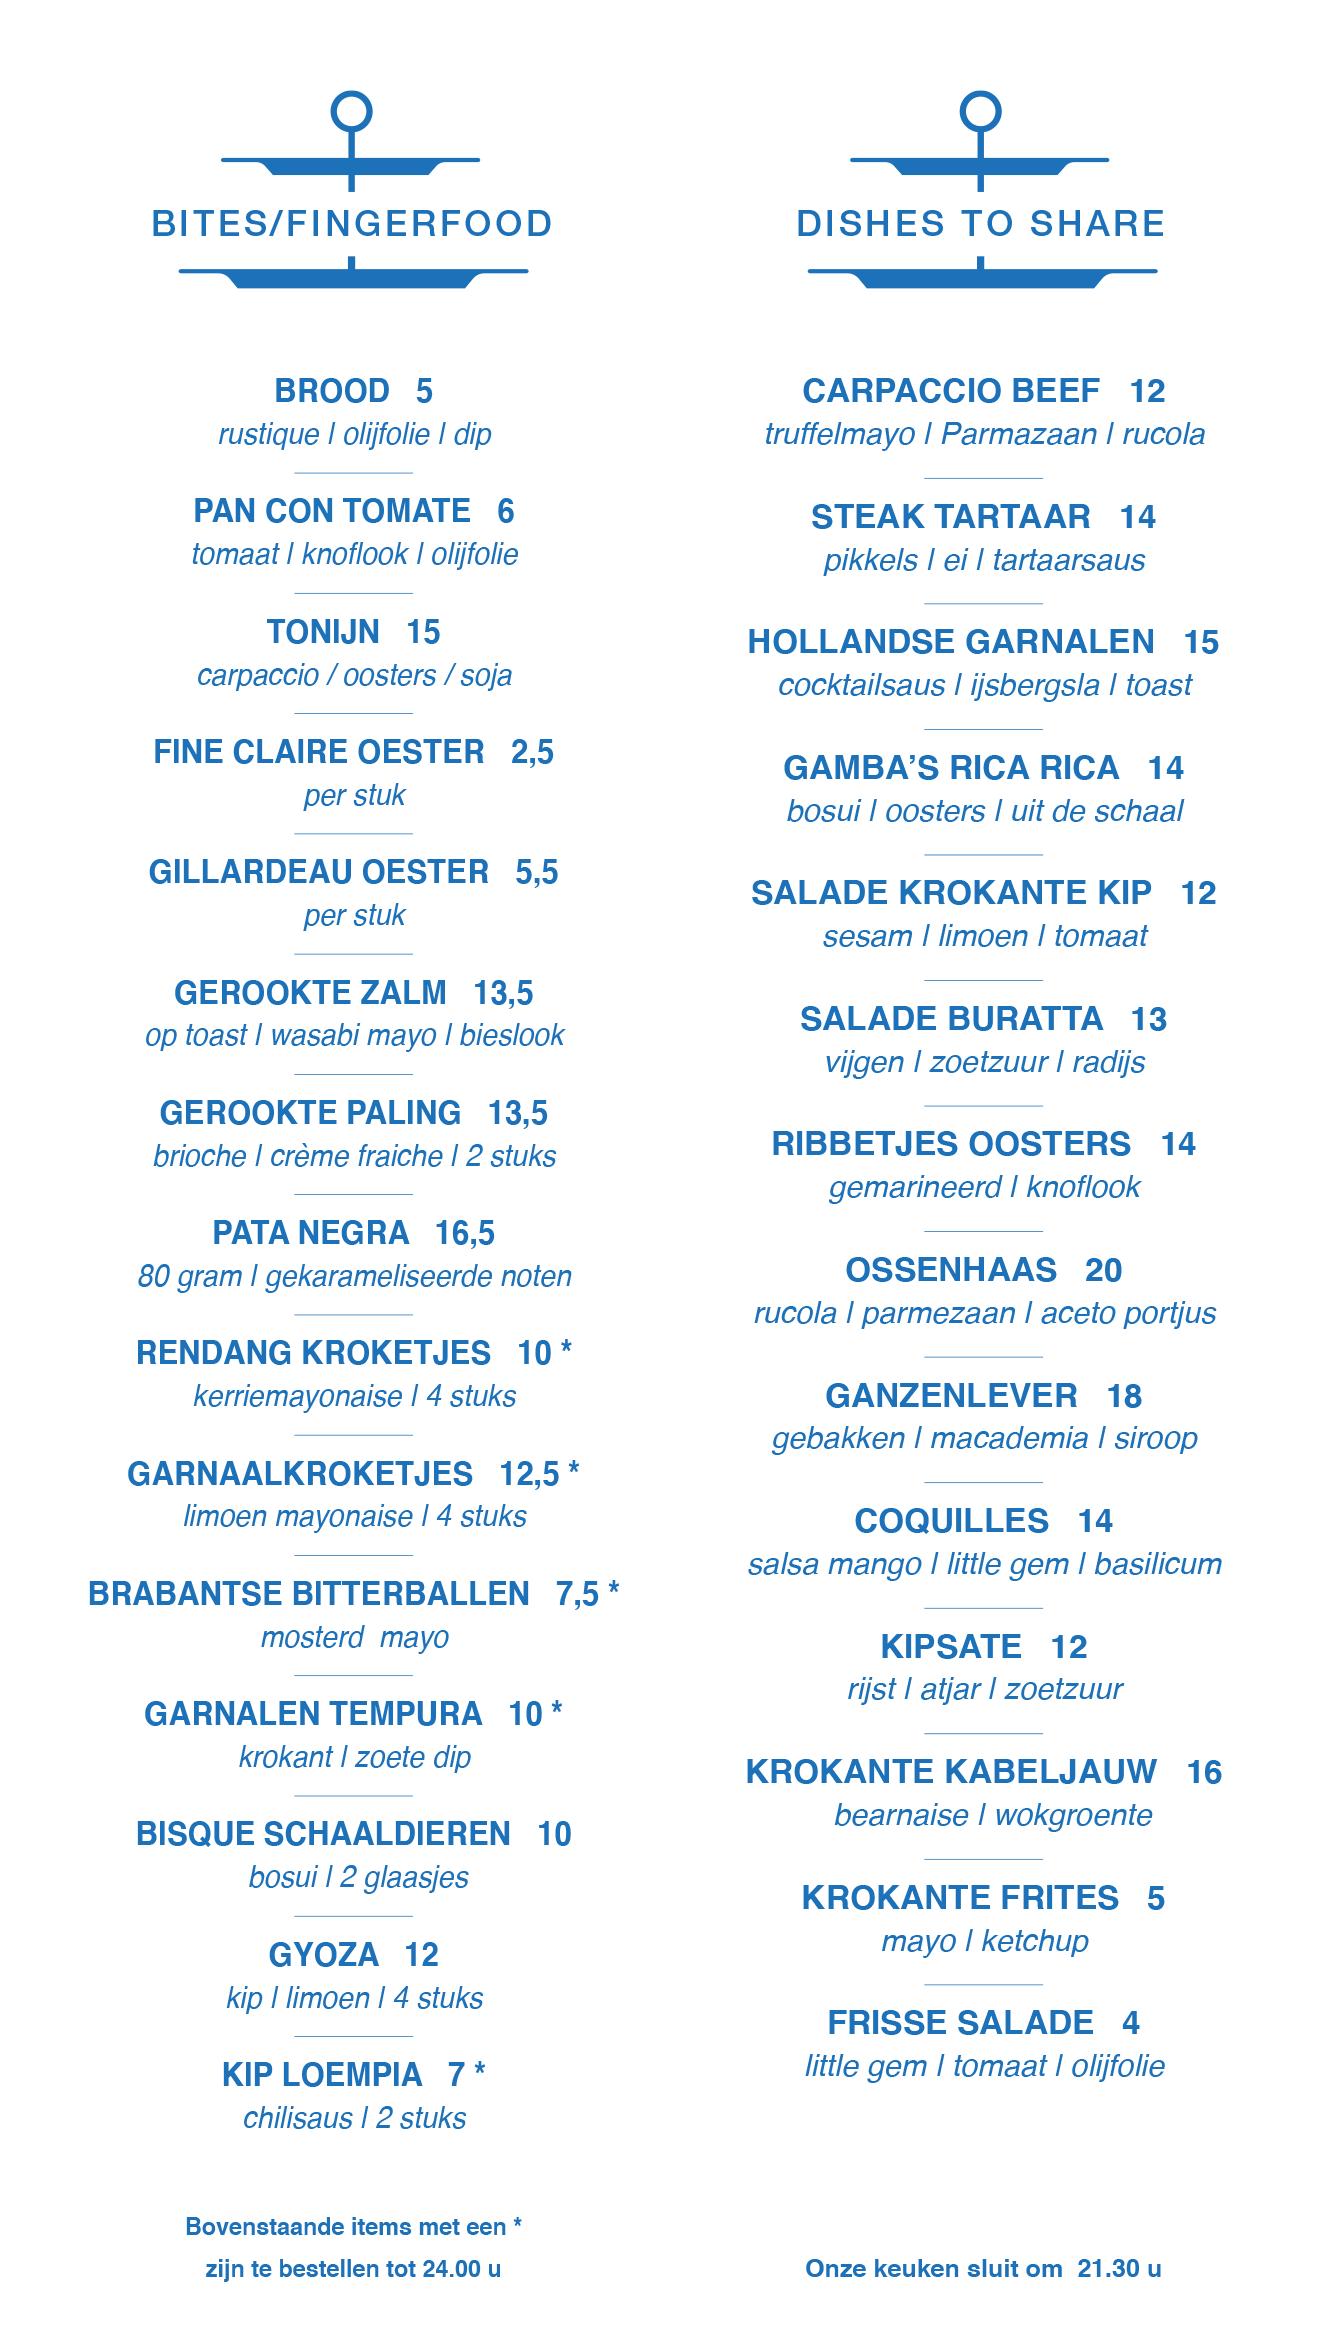 menukaart bites en fingerfood